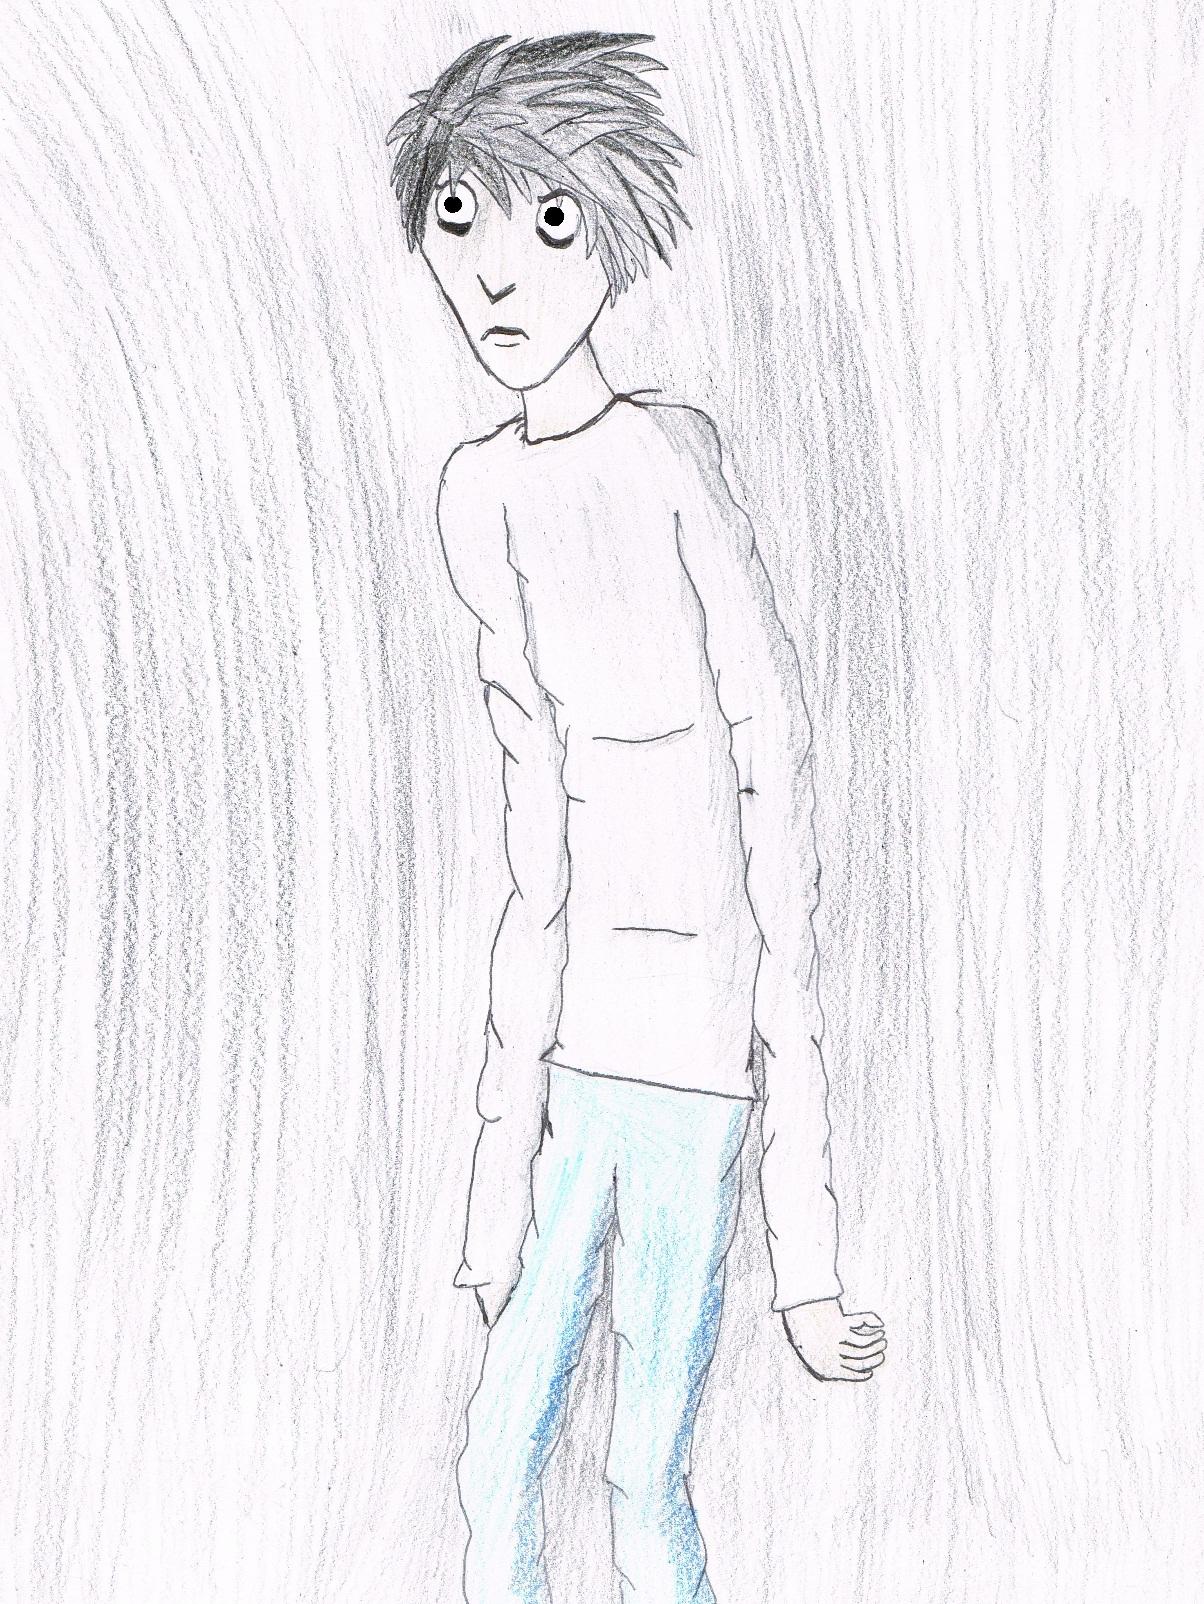 Ryuzaki is tall